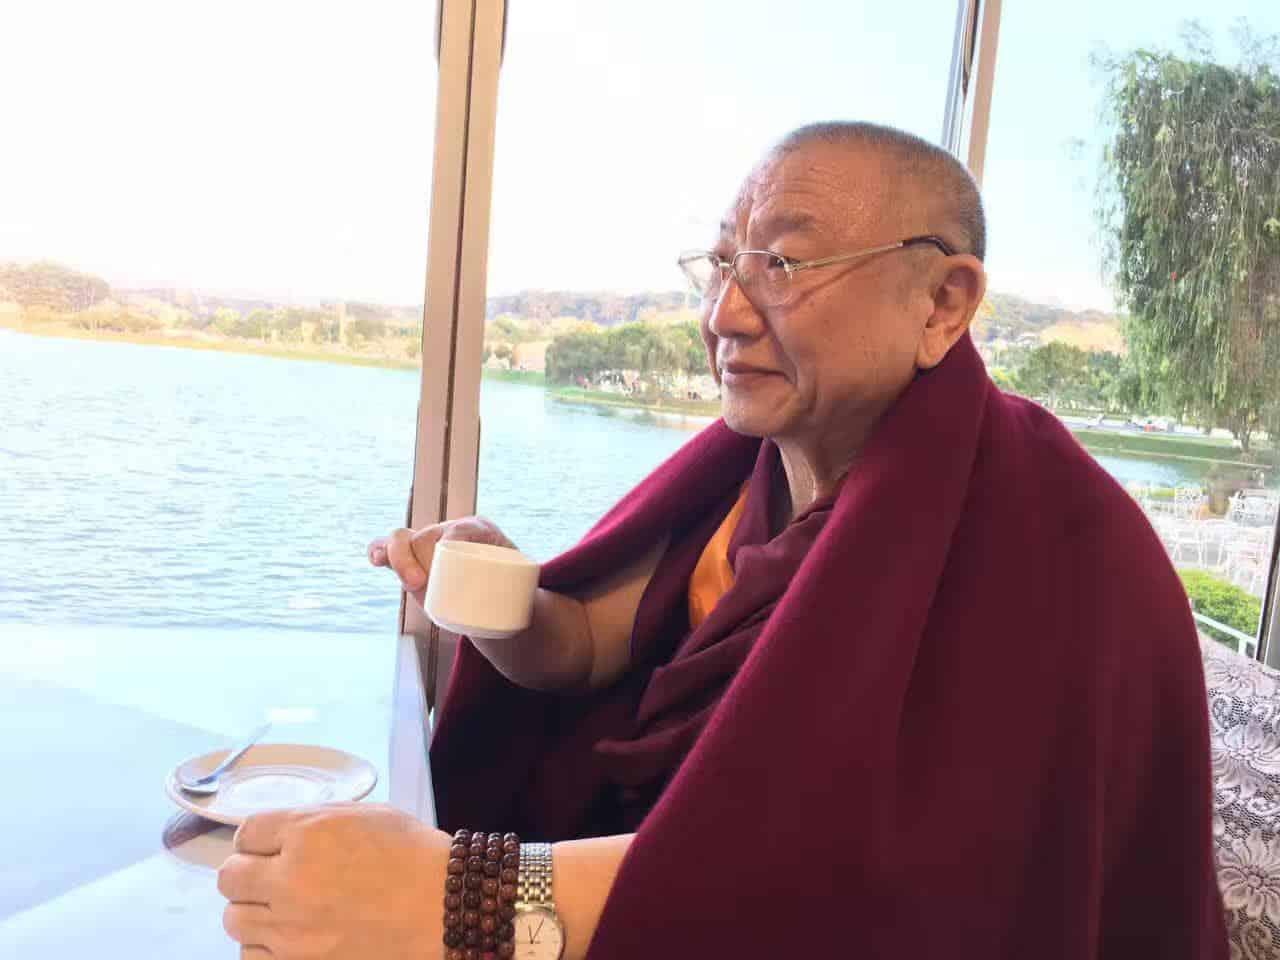 Gosok Rinpoche Vietnam 2017-03-07 10b8f31f9101335fe822e6a72bbca18